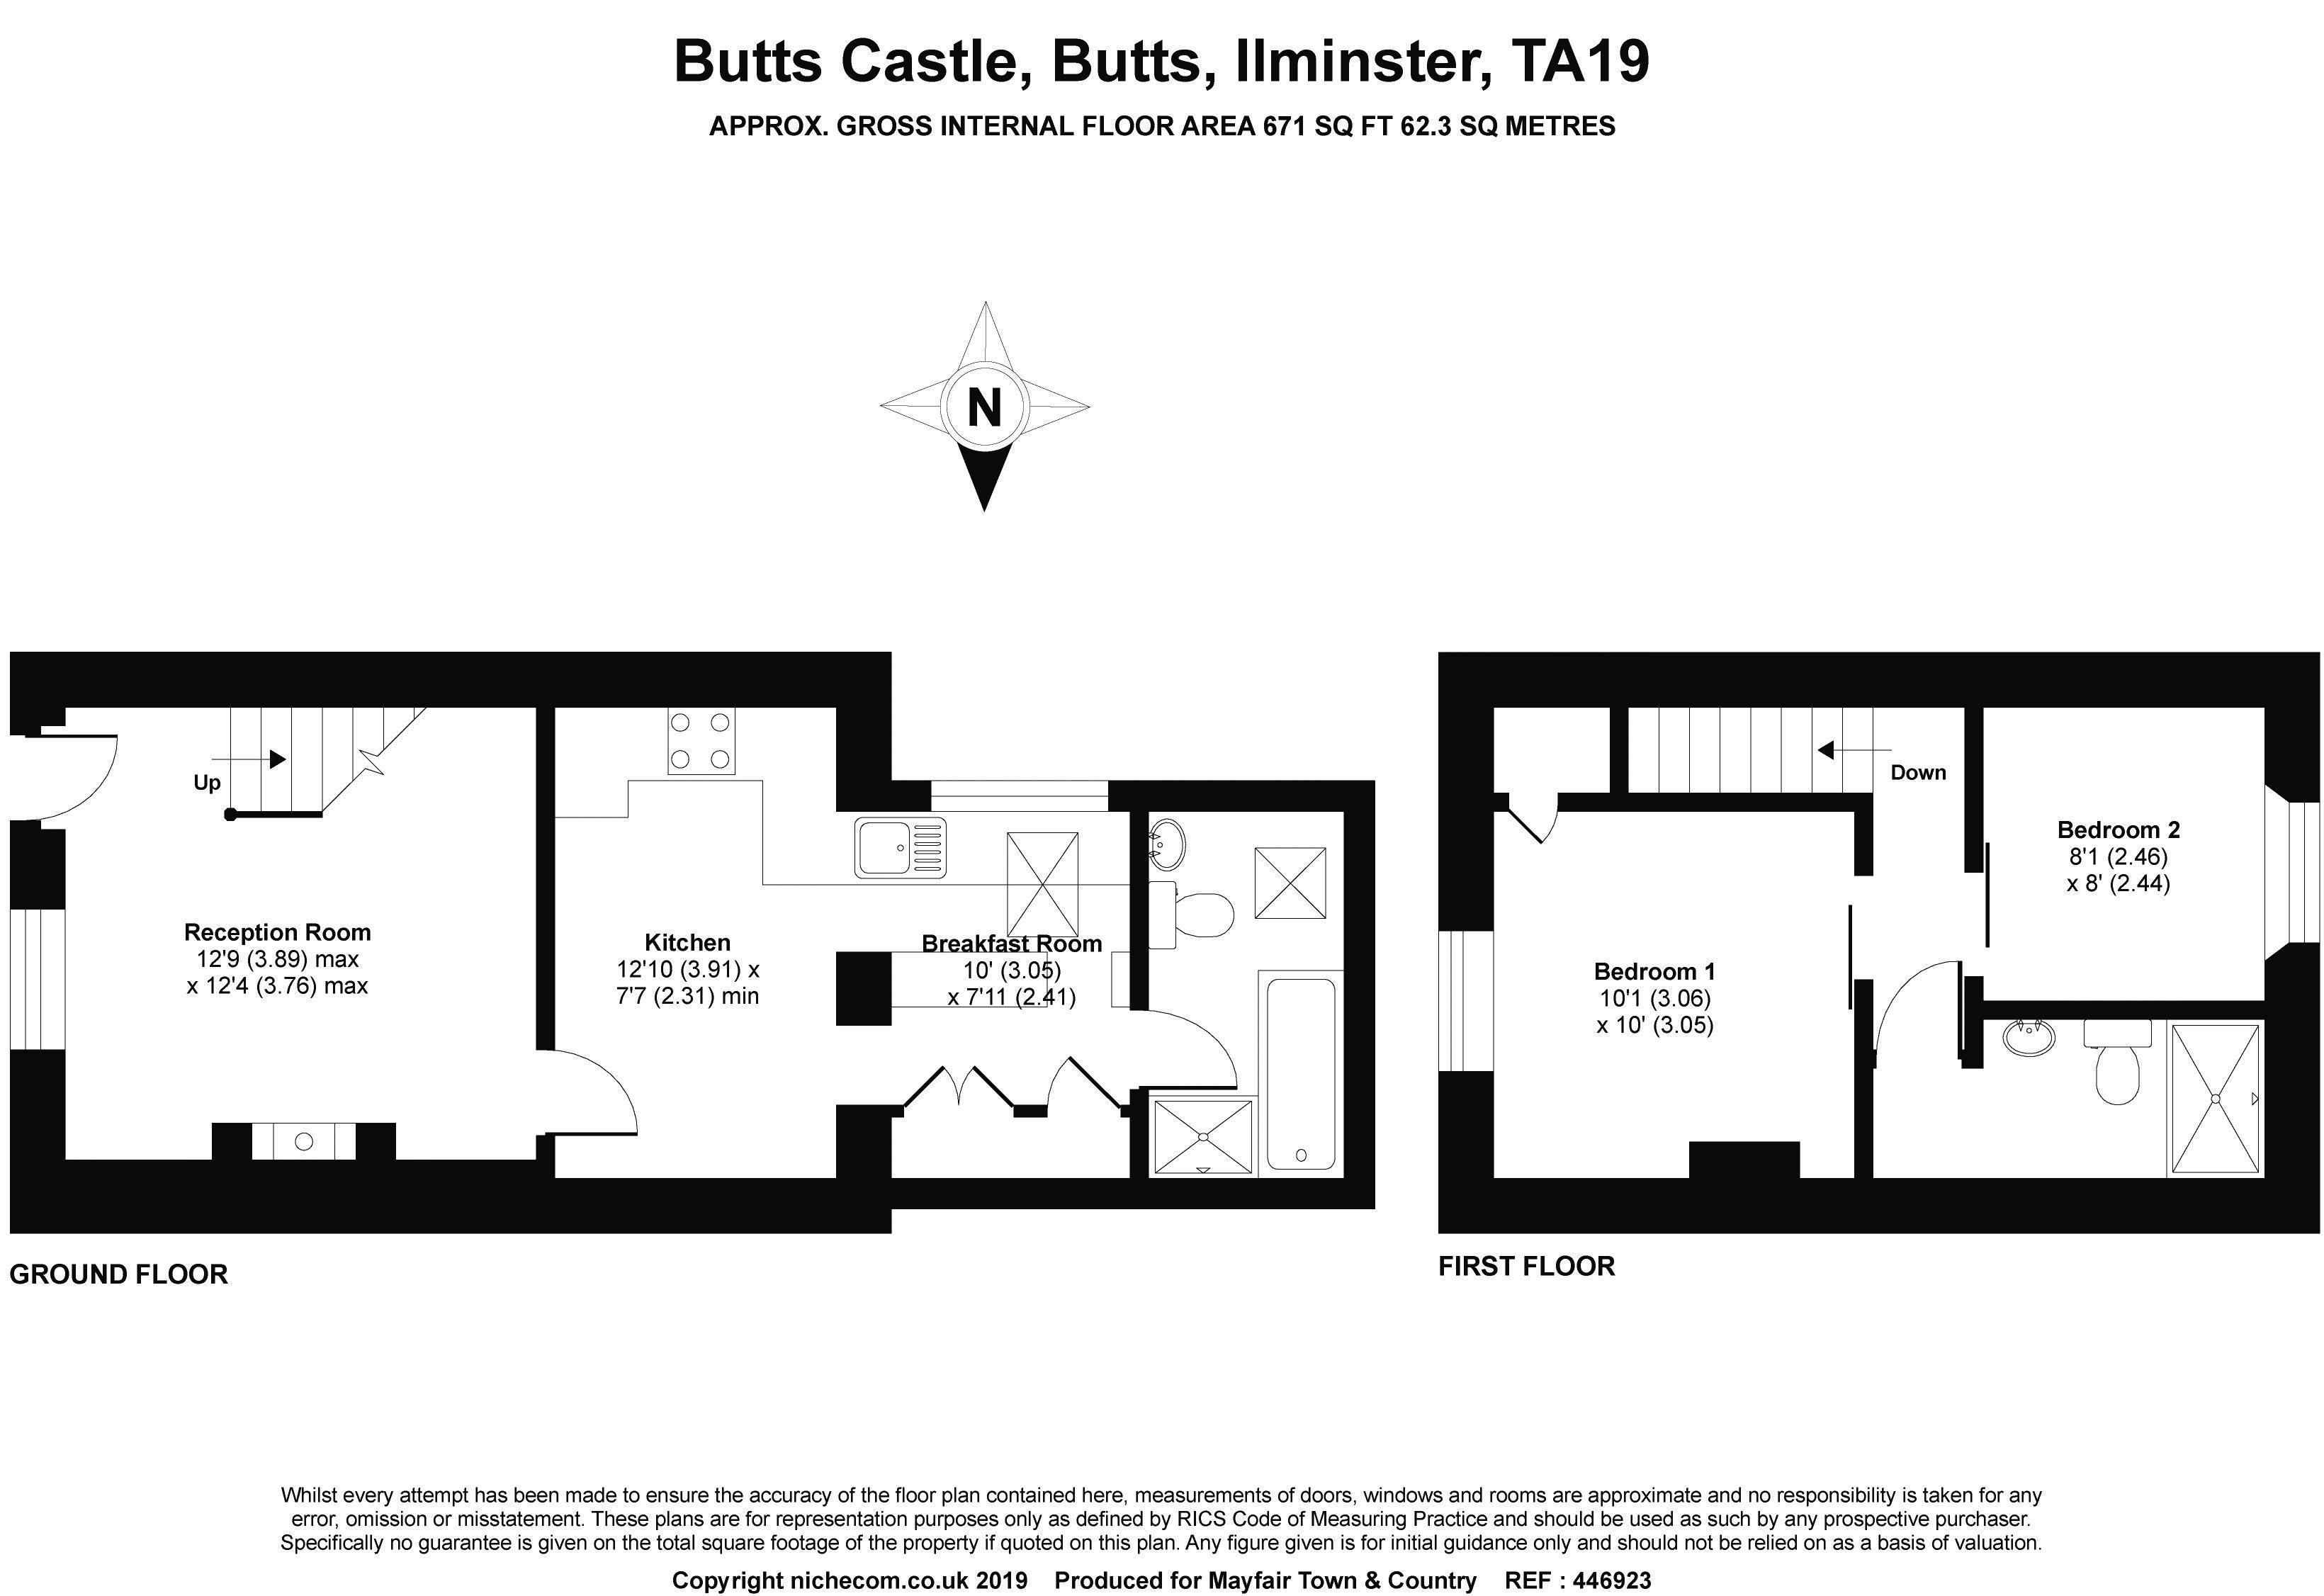 Butts Castle